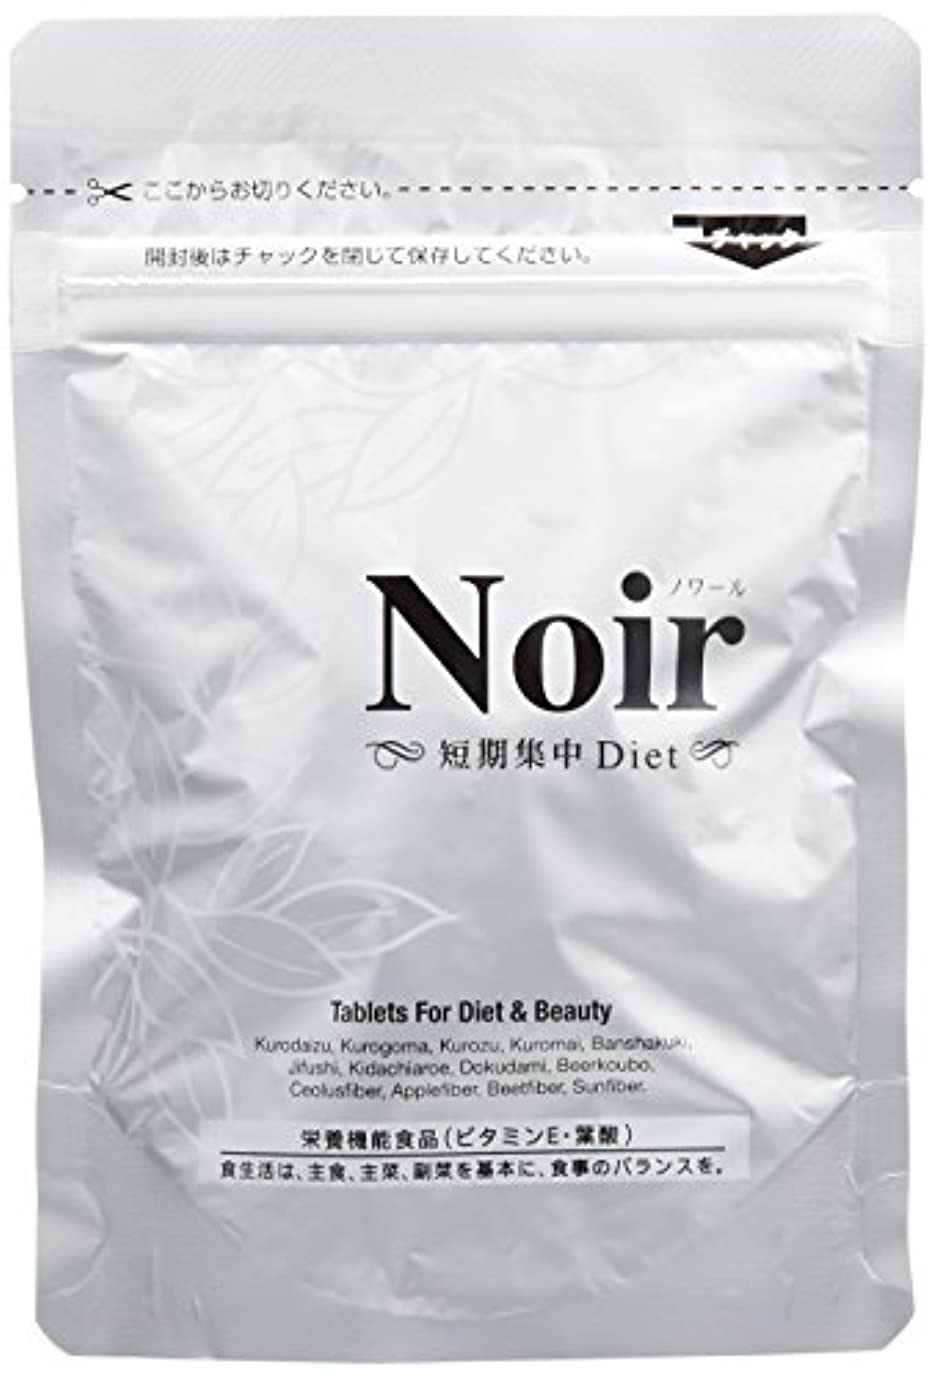 グループ音楽魅惑するNОIR短期集中Diet 300mg*200T